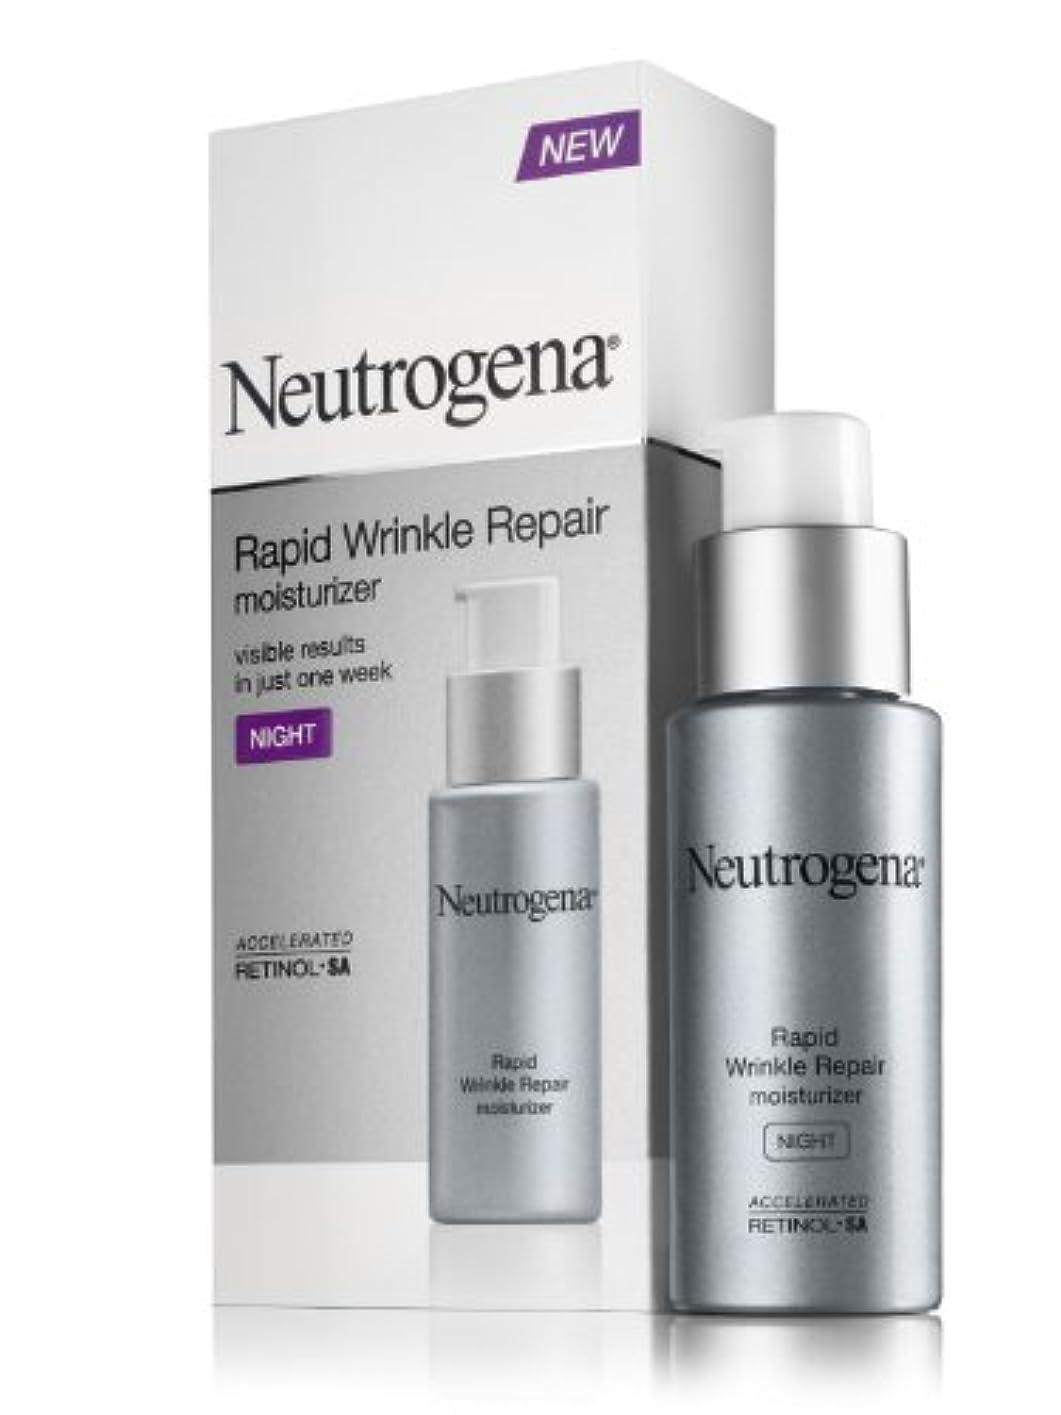 かなり作ります楽しむ【Neutrogena】 ニュートロジーナ リピッドリンクルリペア Rapid Wrinkle Repair並行輸入品